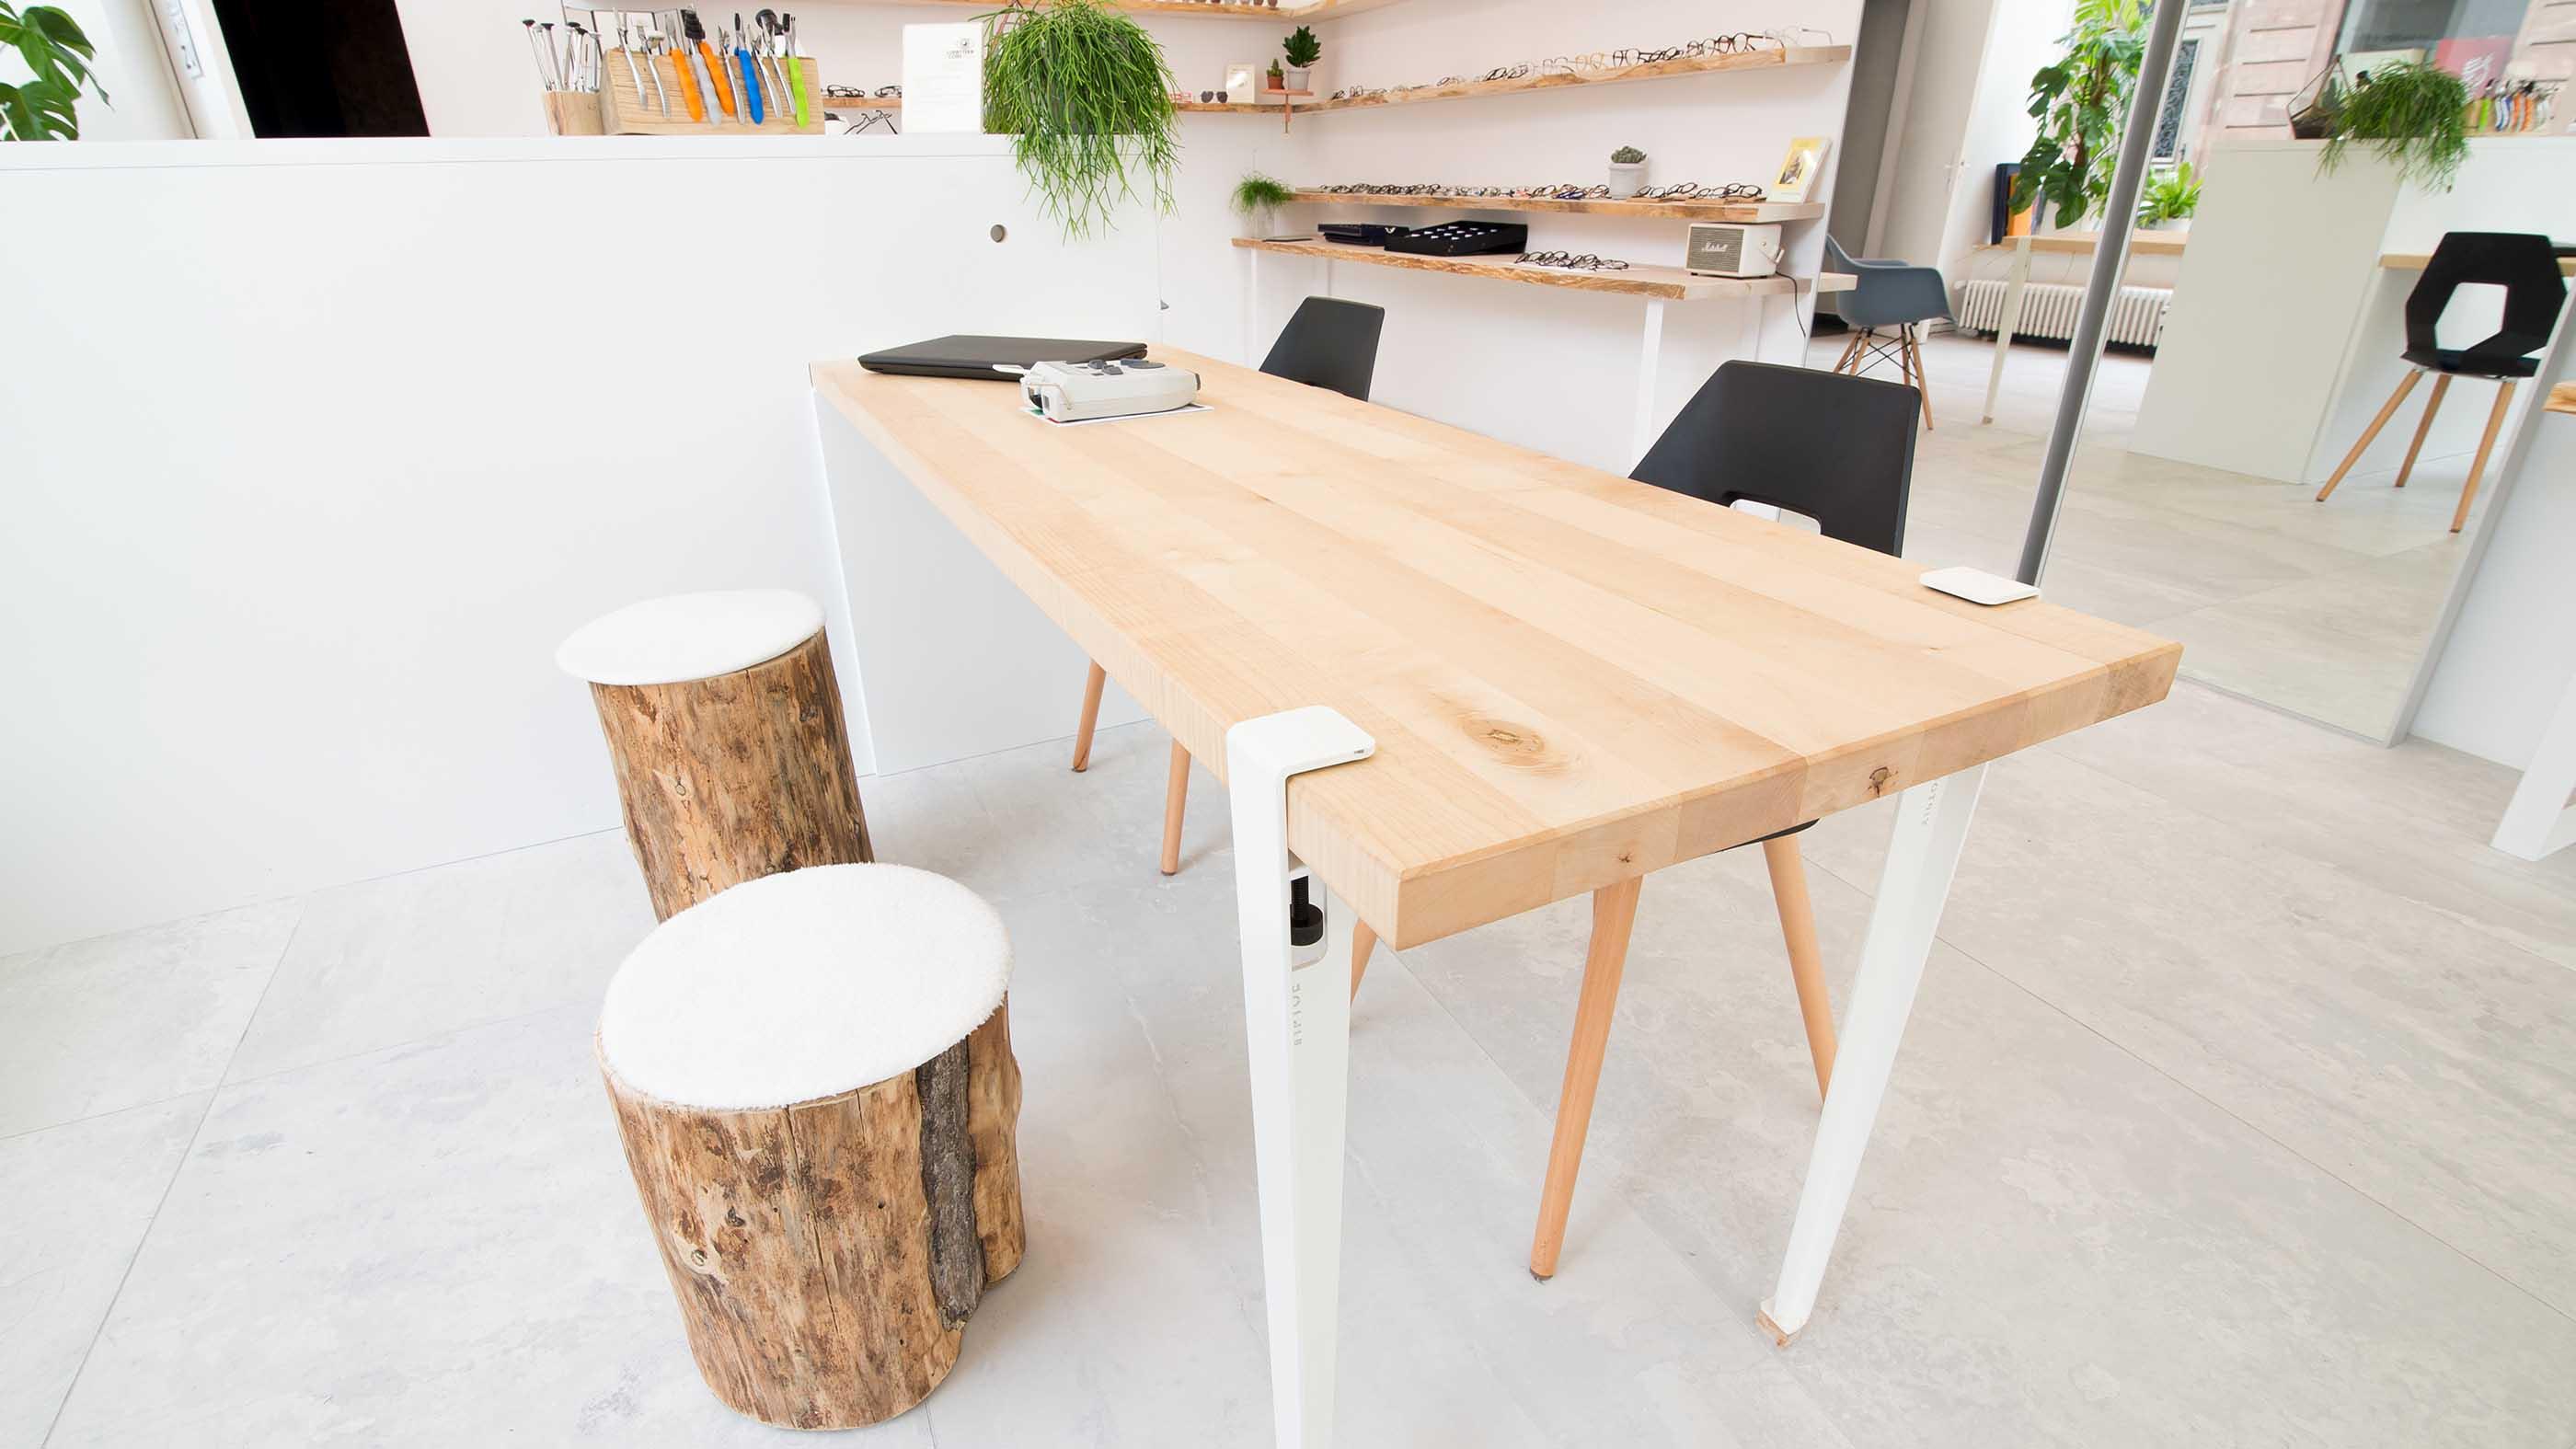 Réalisation de mobilier en bois pour des professionnels